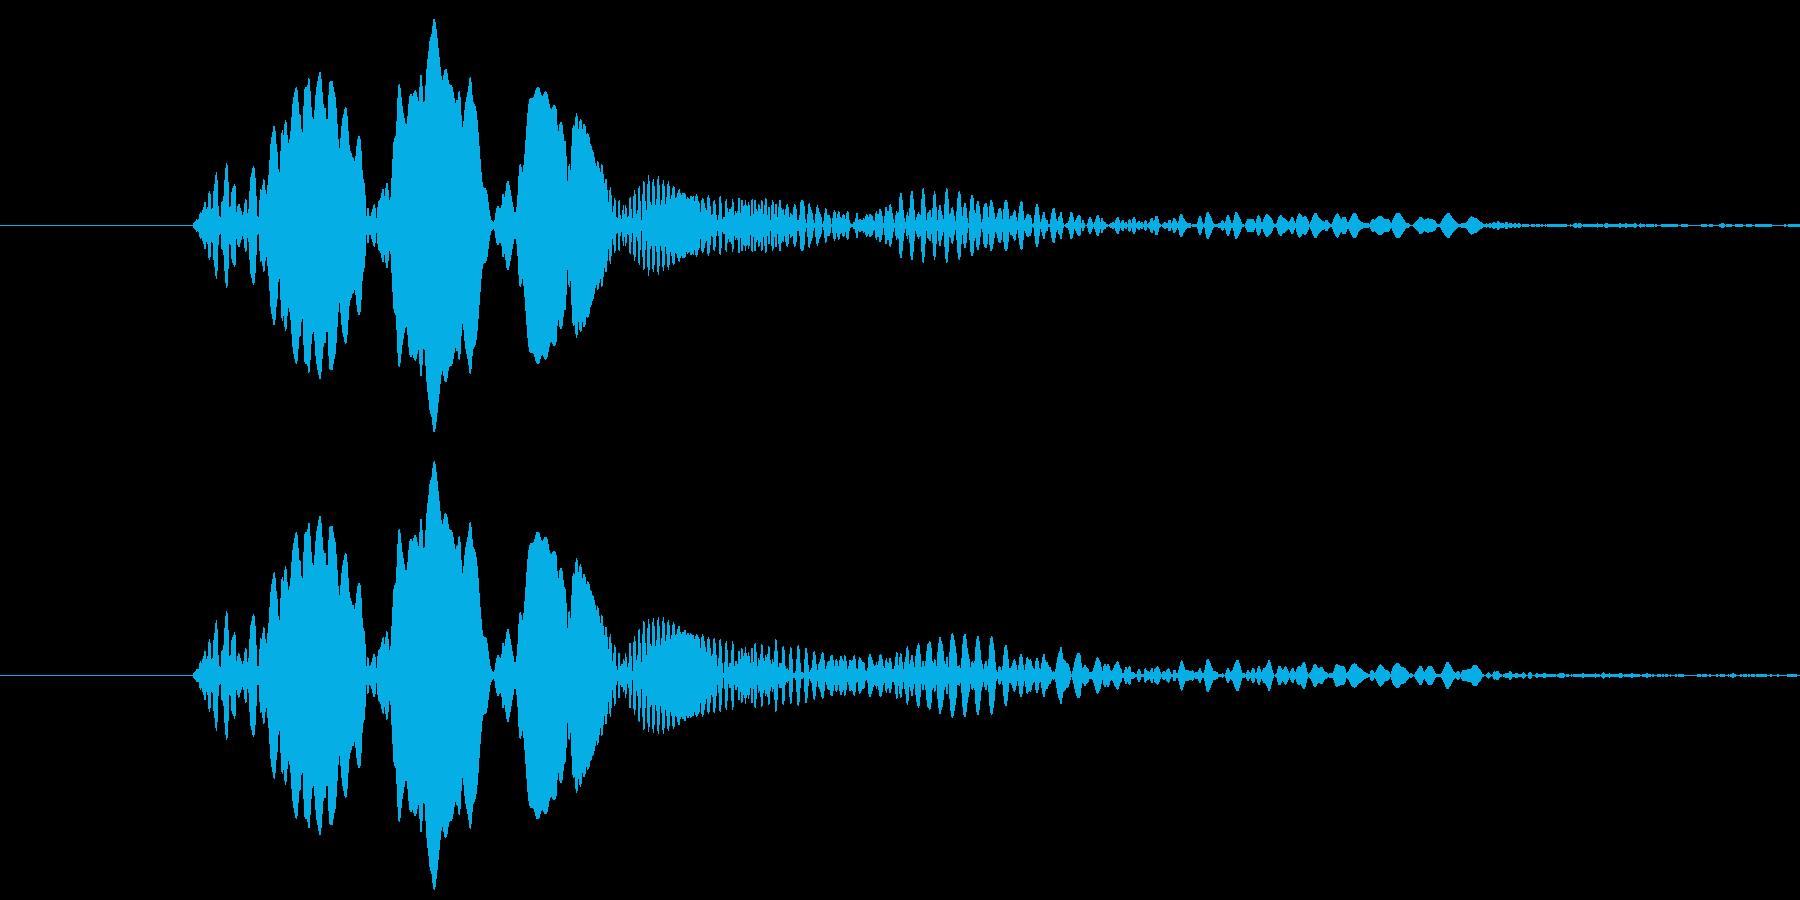 ピュン!というレトロゲーム風の発射音ですの再生済みの波形